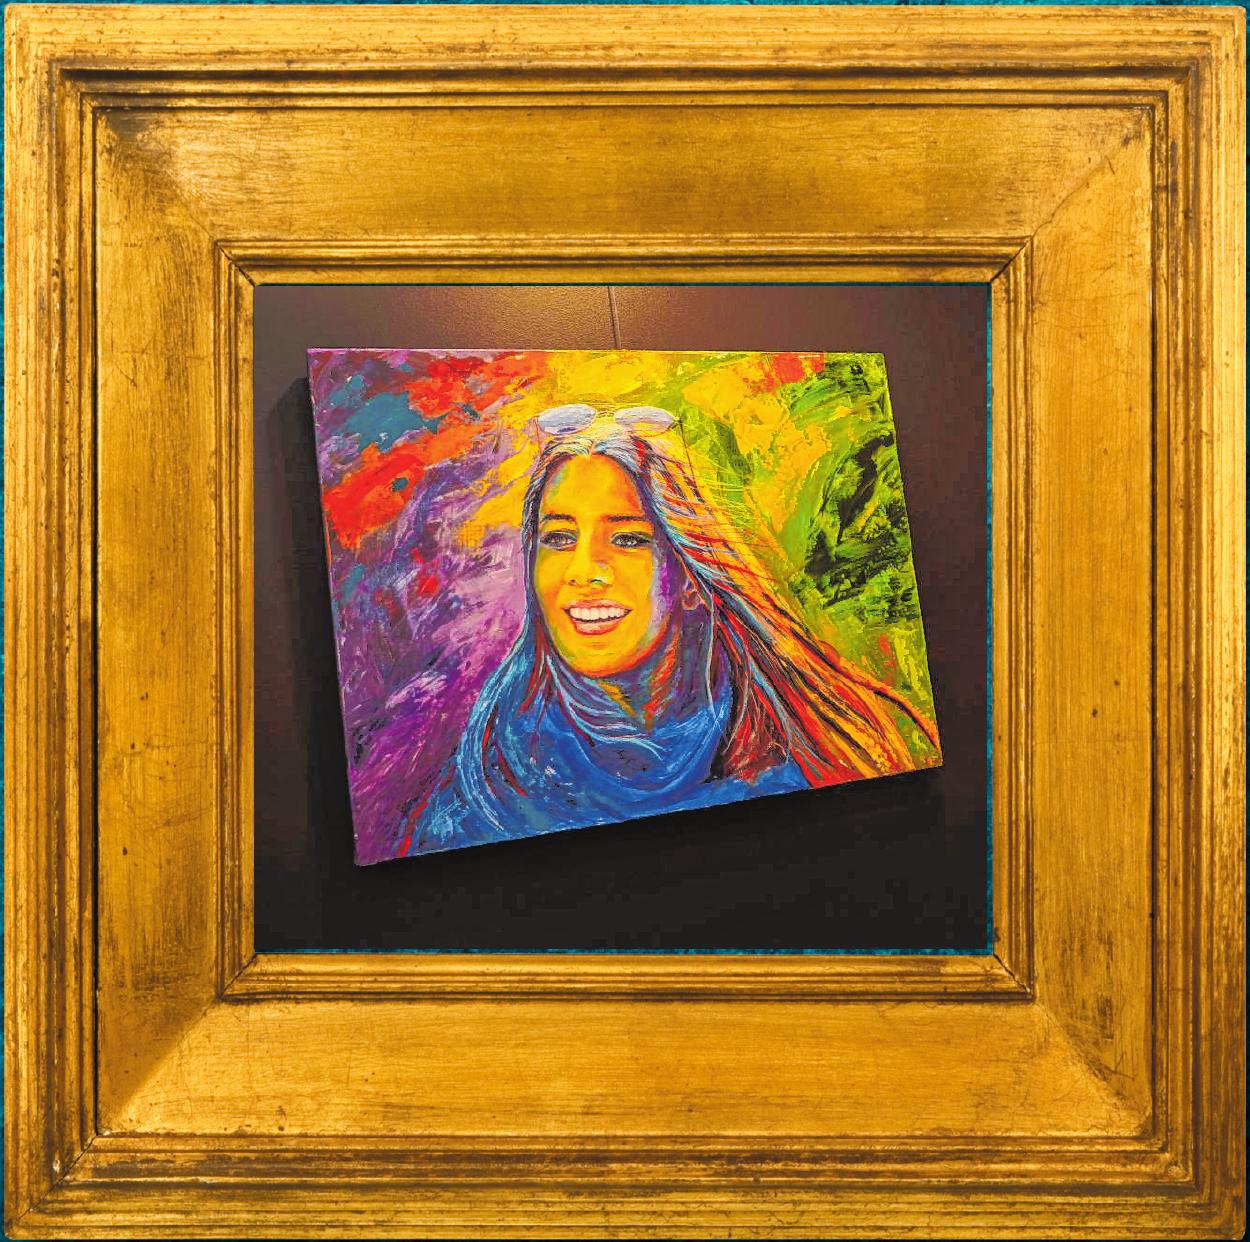 Rund 1000 Werke von 50 Künstlern werden über die Online-Galerie Crelala vermarktet.